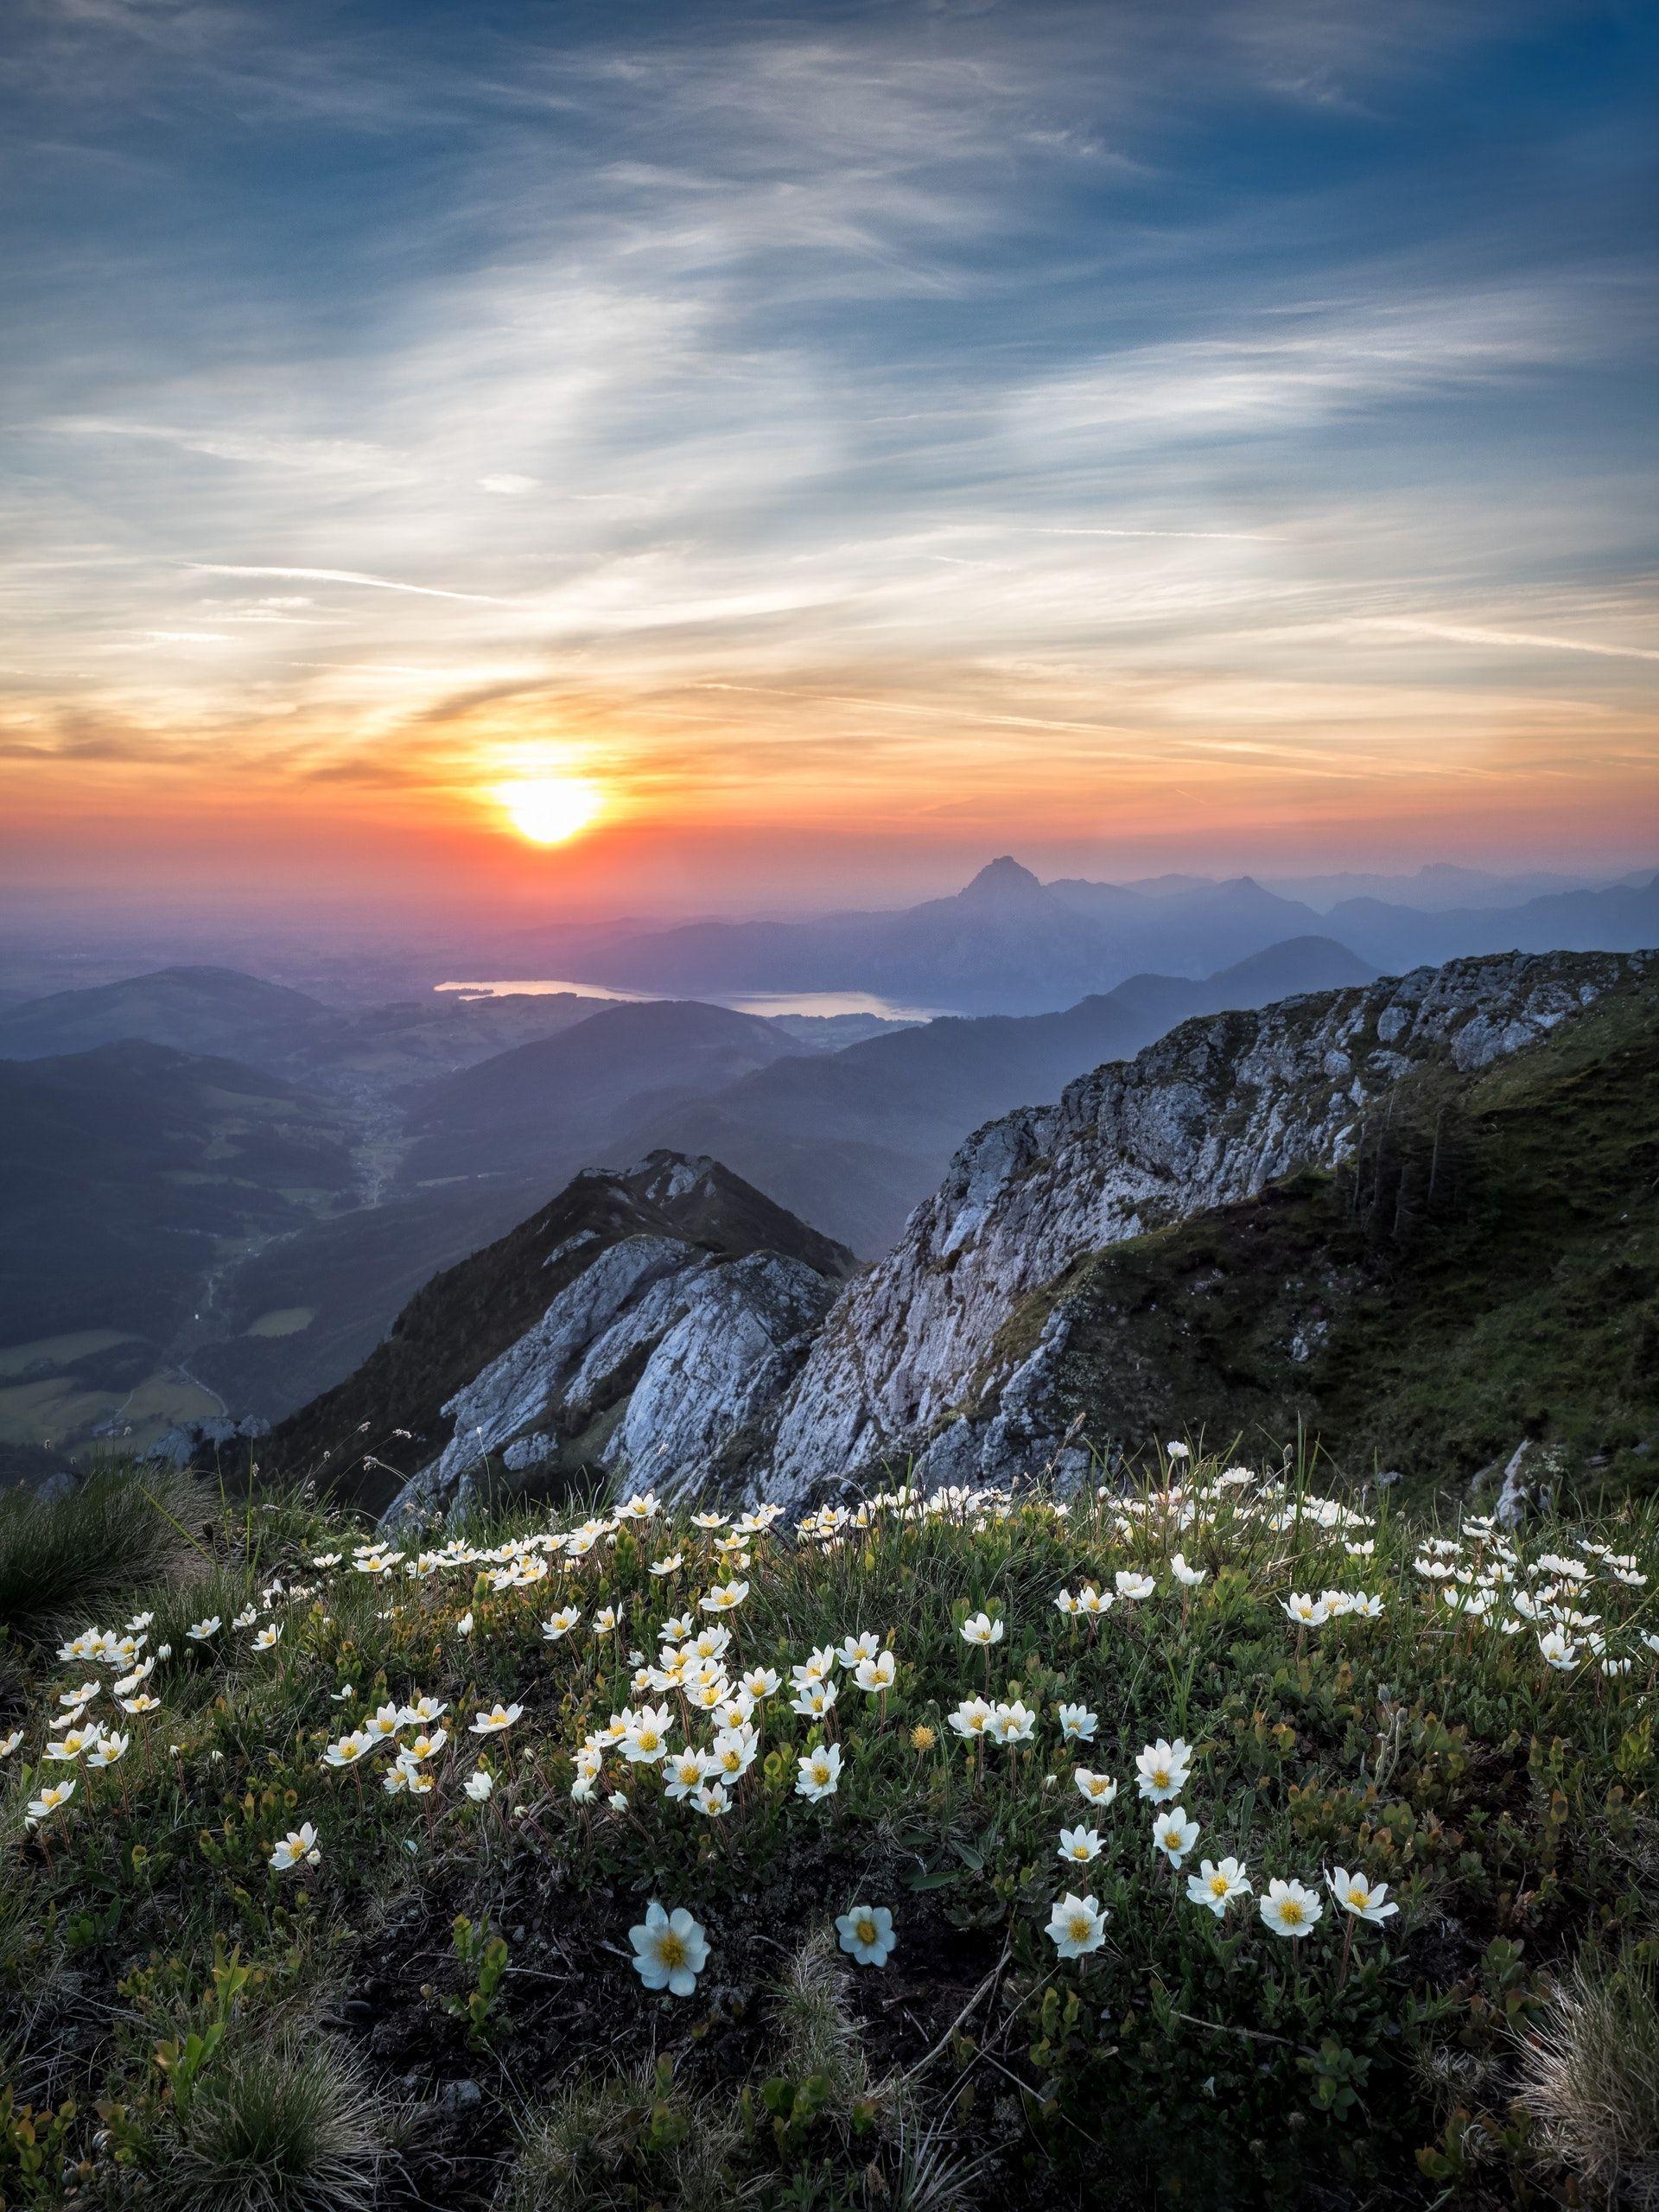 عکس زمینه کوه در سحر پس زمینه